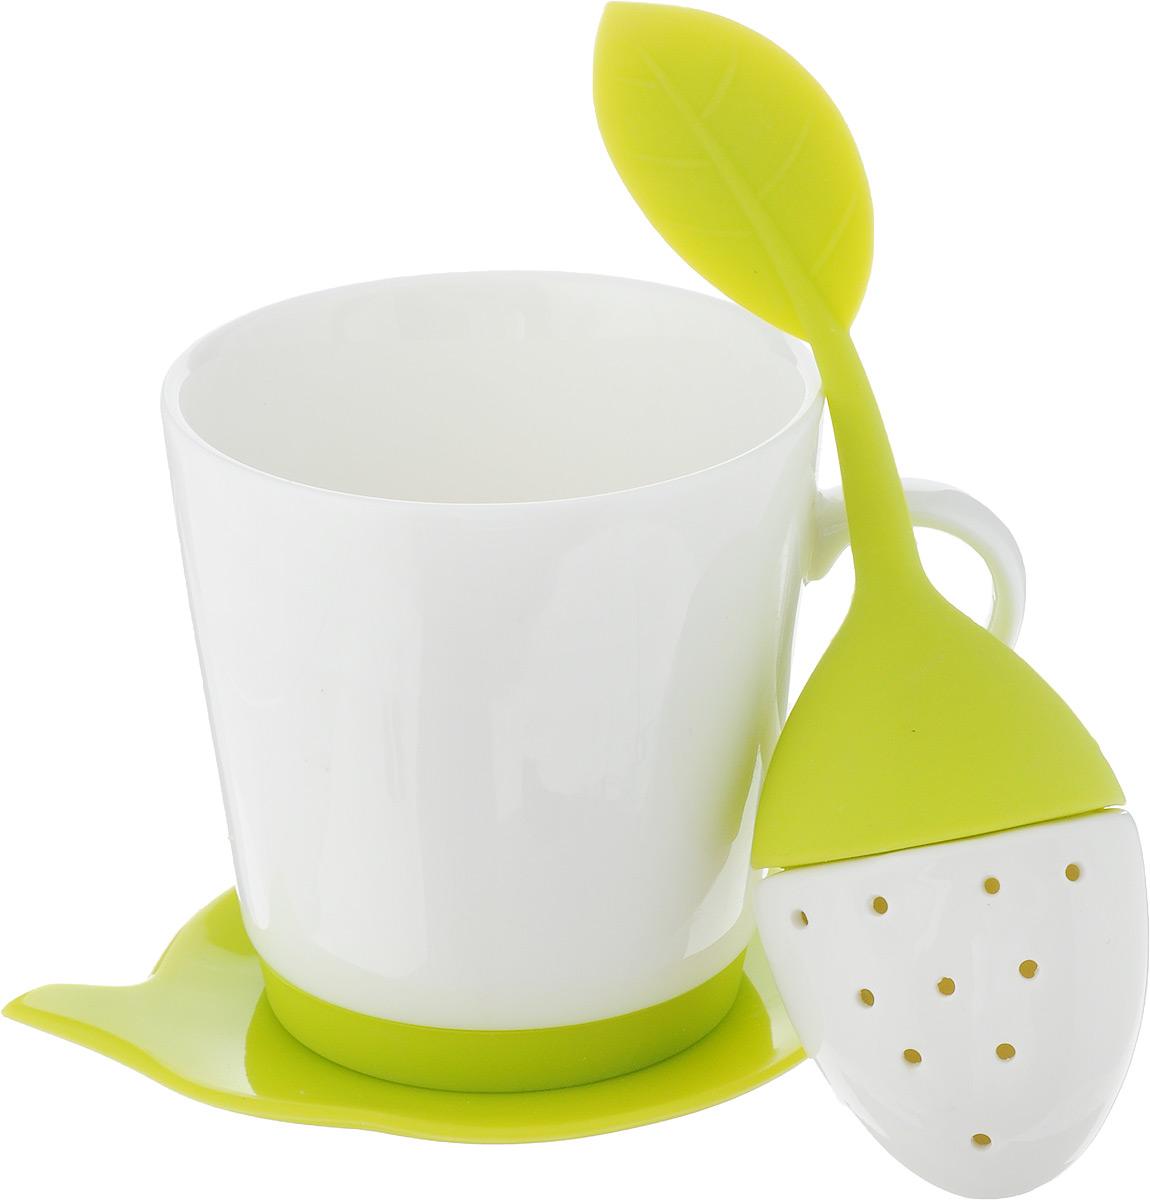 Набор чайный Oursson, цвет: белый, салатовый, 3 предметаVT-1520(SR)Набор для чая Oursson состоит из кружки, ситечка и подставки для чайного пакетика. Ситечко и подставка выполнены из экологически чистого силикона в форме ягодки и чайника. Кружка выполнена из высококачественной керамики с глазурованным покрытием. Основание кружки дополнено силиконовой вставкой. Такой чайный набор прекрасно оформит сервировку стола к чаепитию. Можно мыть в посудомоечной машине и использовать в СВЧ-печи. Объем кружки: 200 мл. Диаметр кружки (по верхнему краю): 8 см. Высота кружки: 8,5 см. Размер подставки: 12,5 х 10,5 х 1 см. Размер ситечка: 17 х 5,5 х 1,5 см.